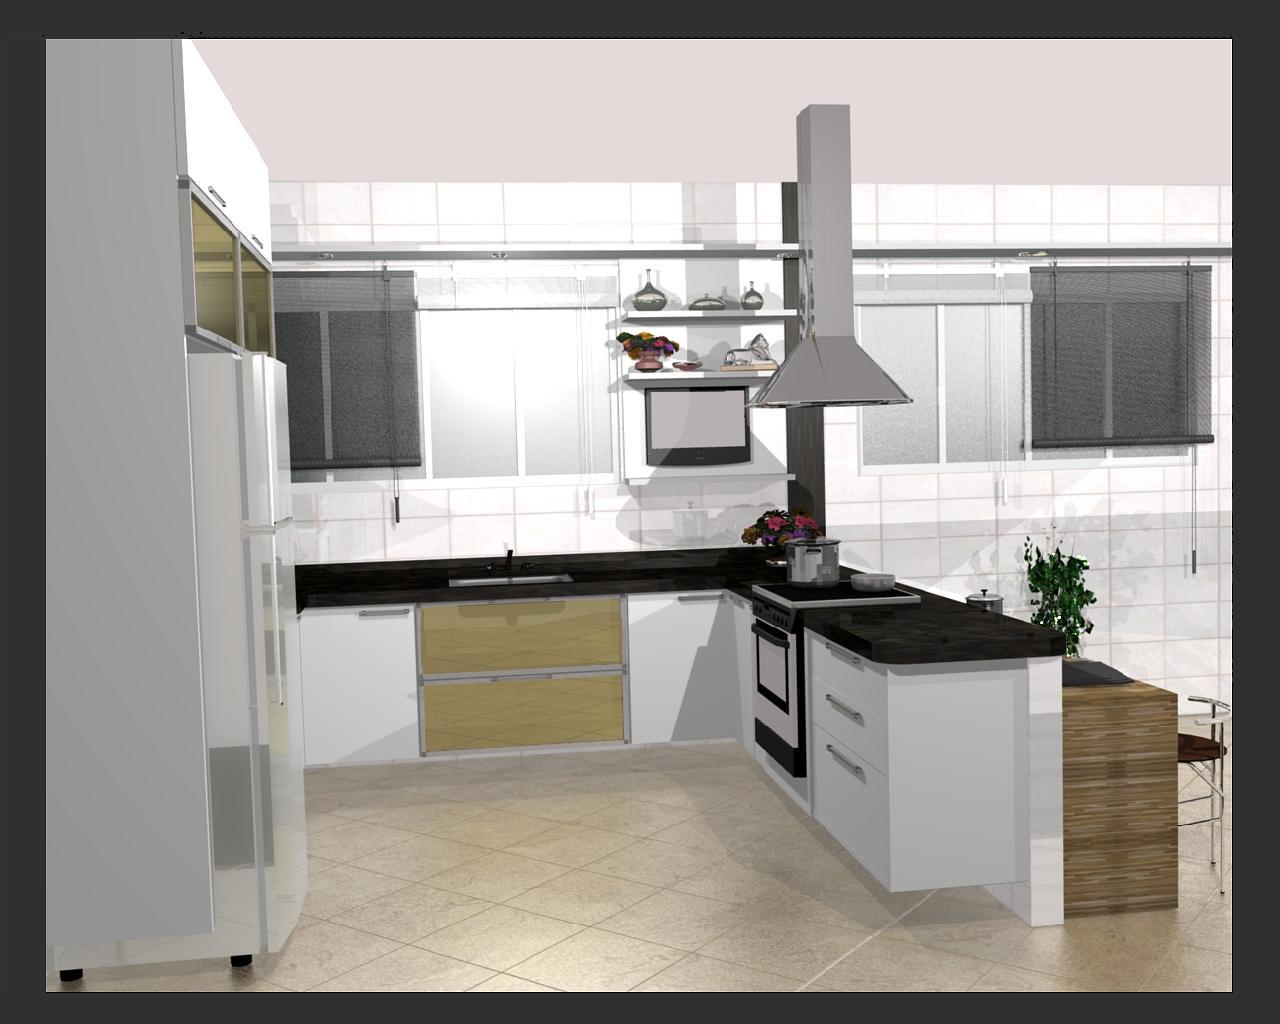 cozinha planejadas pequenas decorada americana modulada luxo moderna  #614D37 1280 1024